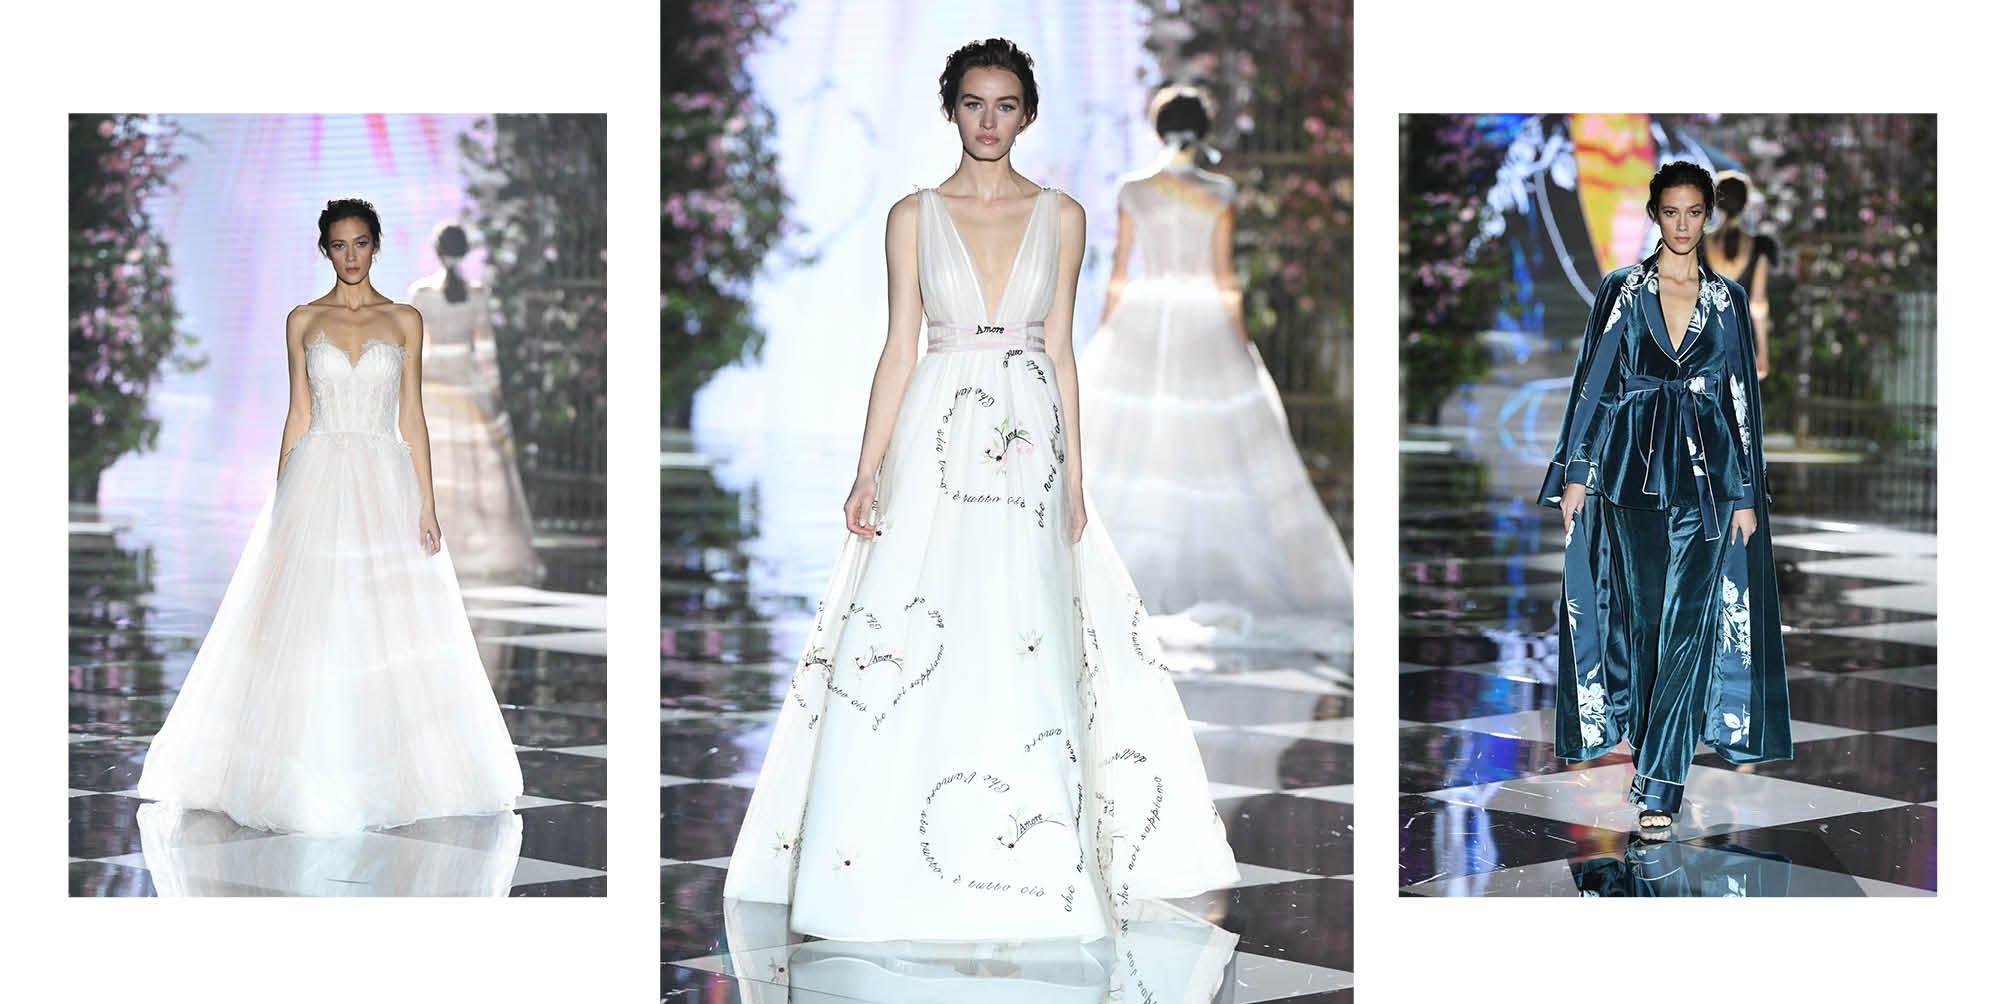 7b96963613f3 Atelier Emé ha presentato la nuova collezione sposa 2020 ispirata al mondo  delle favole